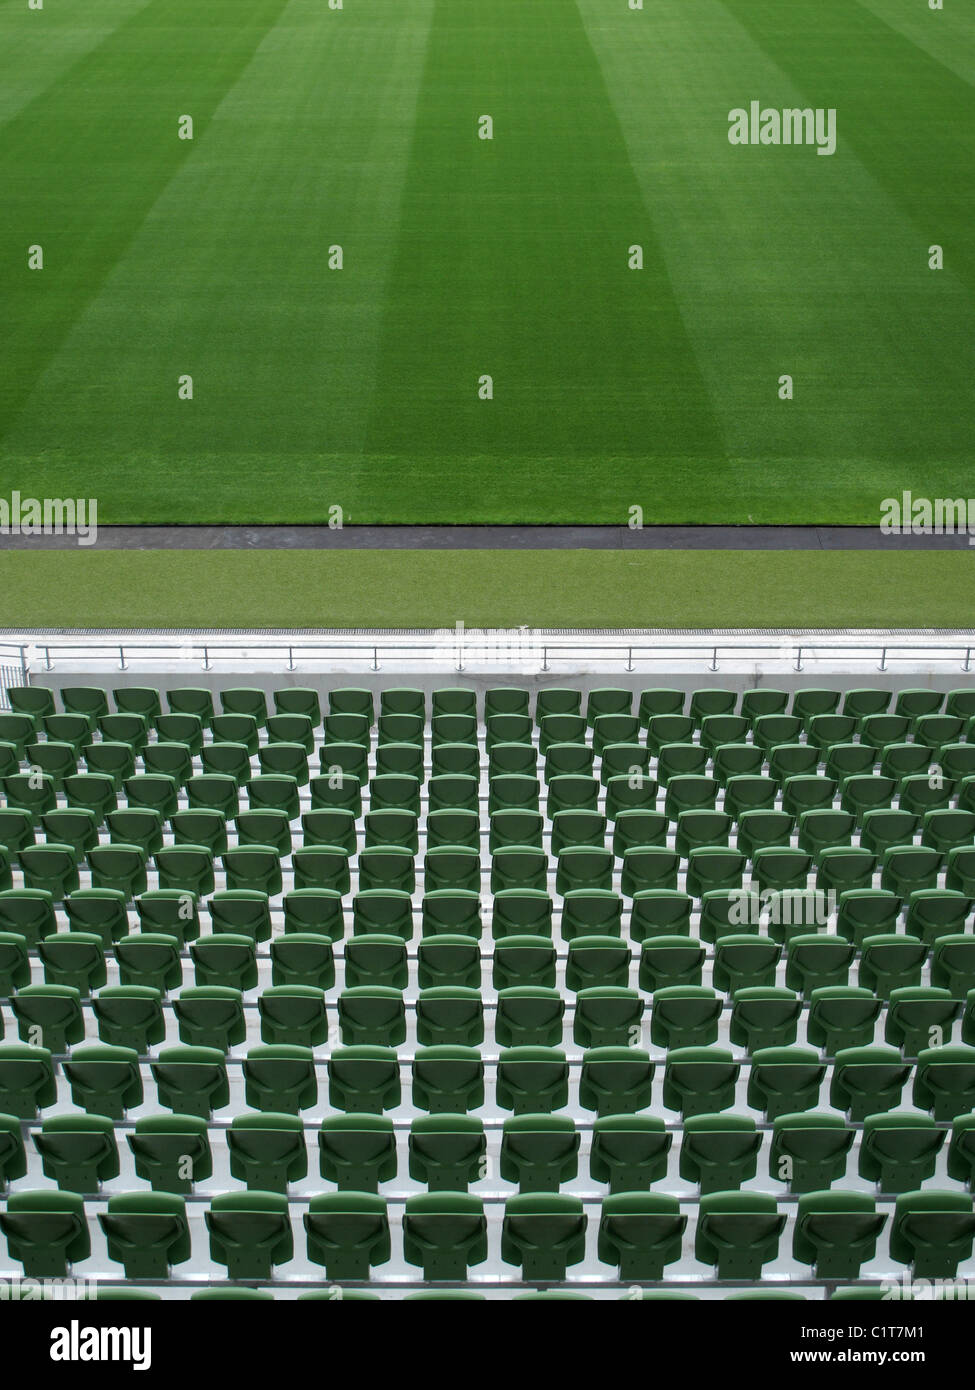 Empty stadium - Stock Image